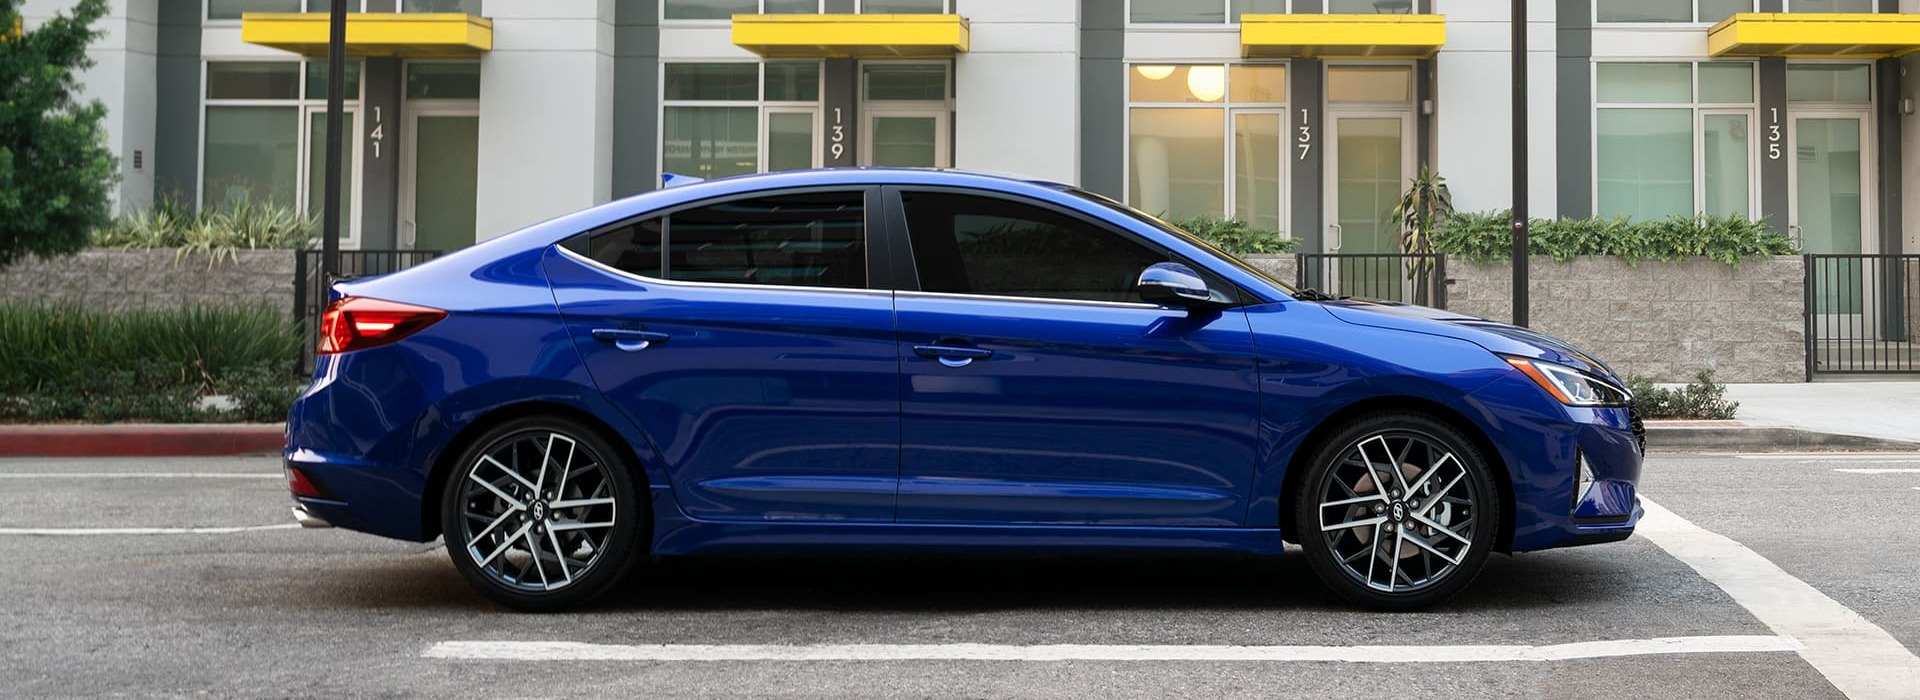 2020 Hyundai Elantra Leasing near Alexandria, VA